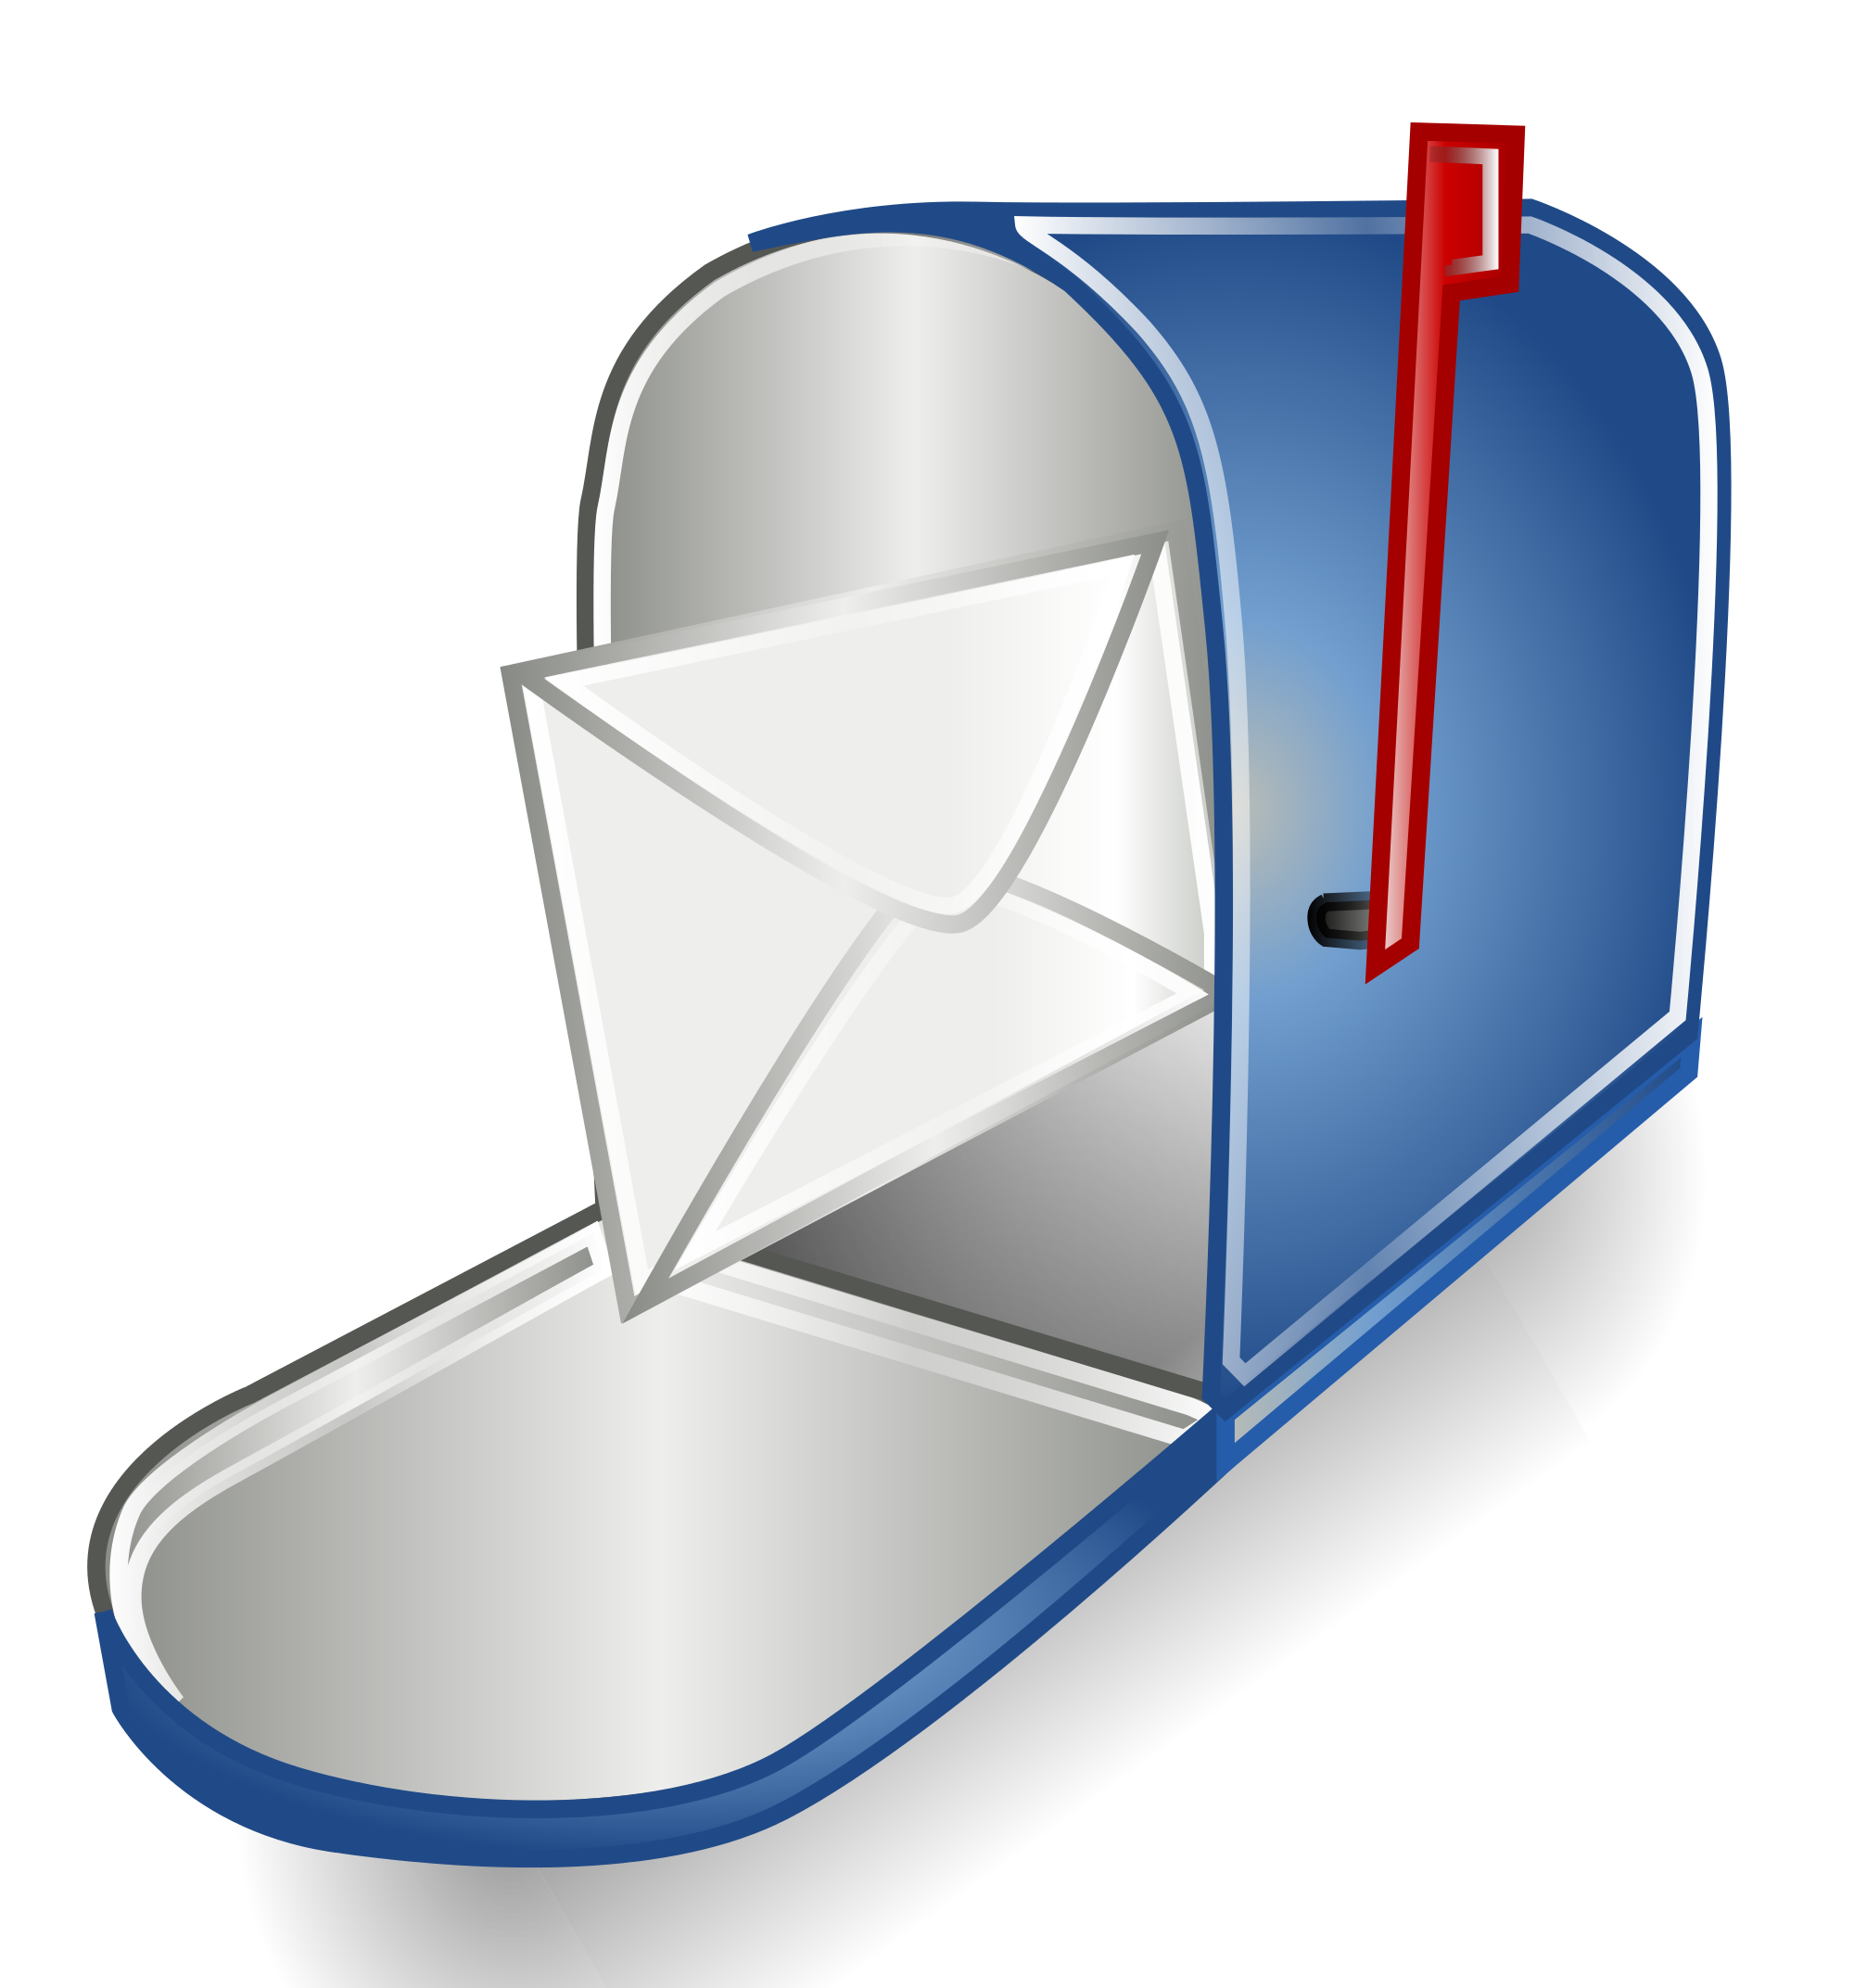 D maraya co open. Mailbox clipart blue mailbox